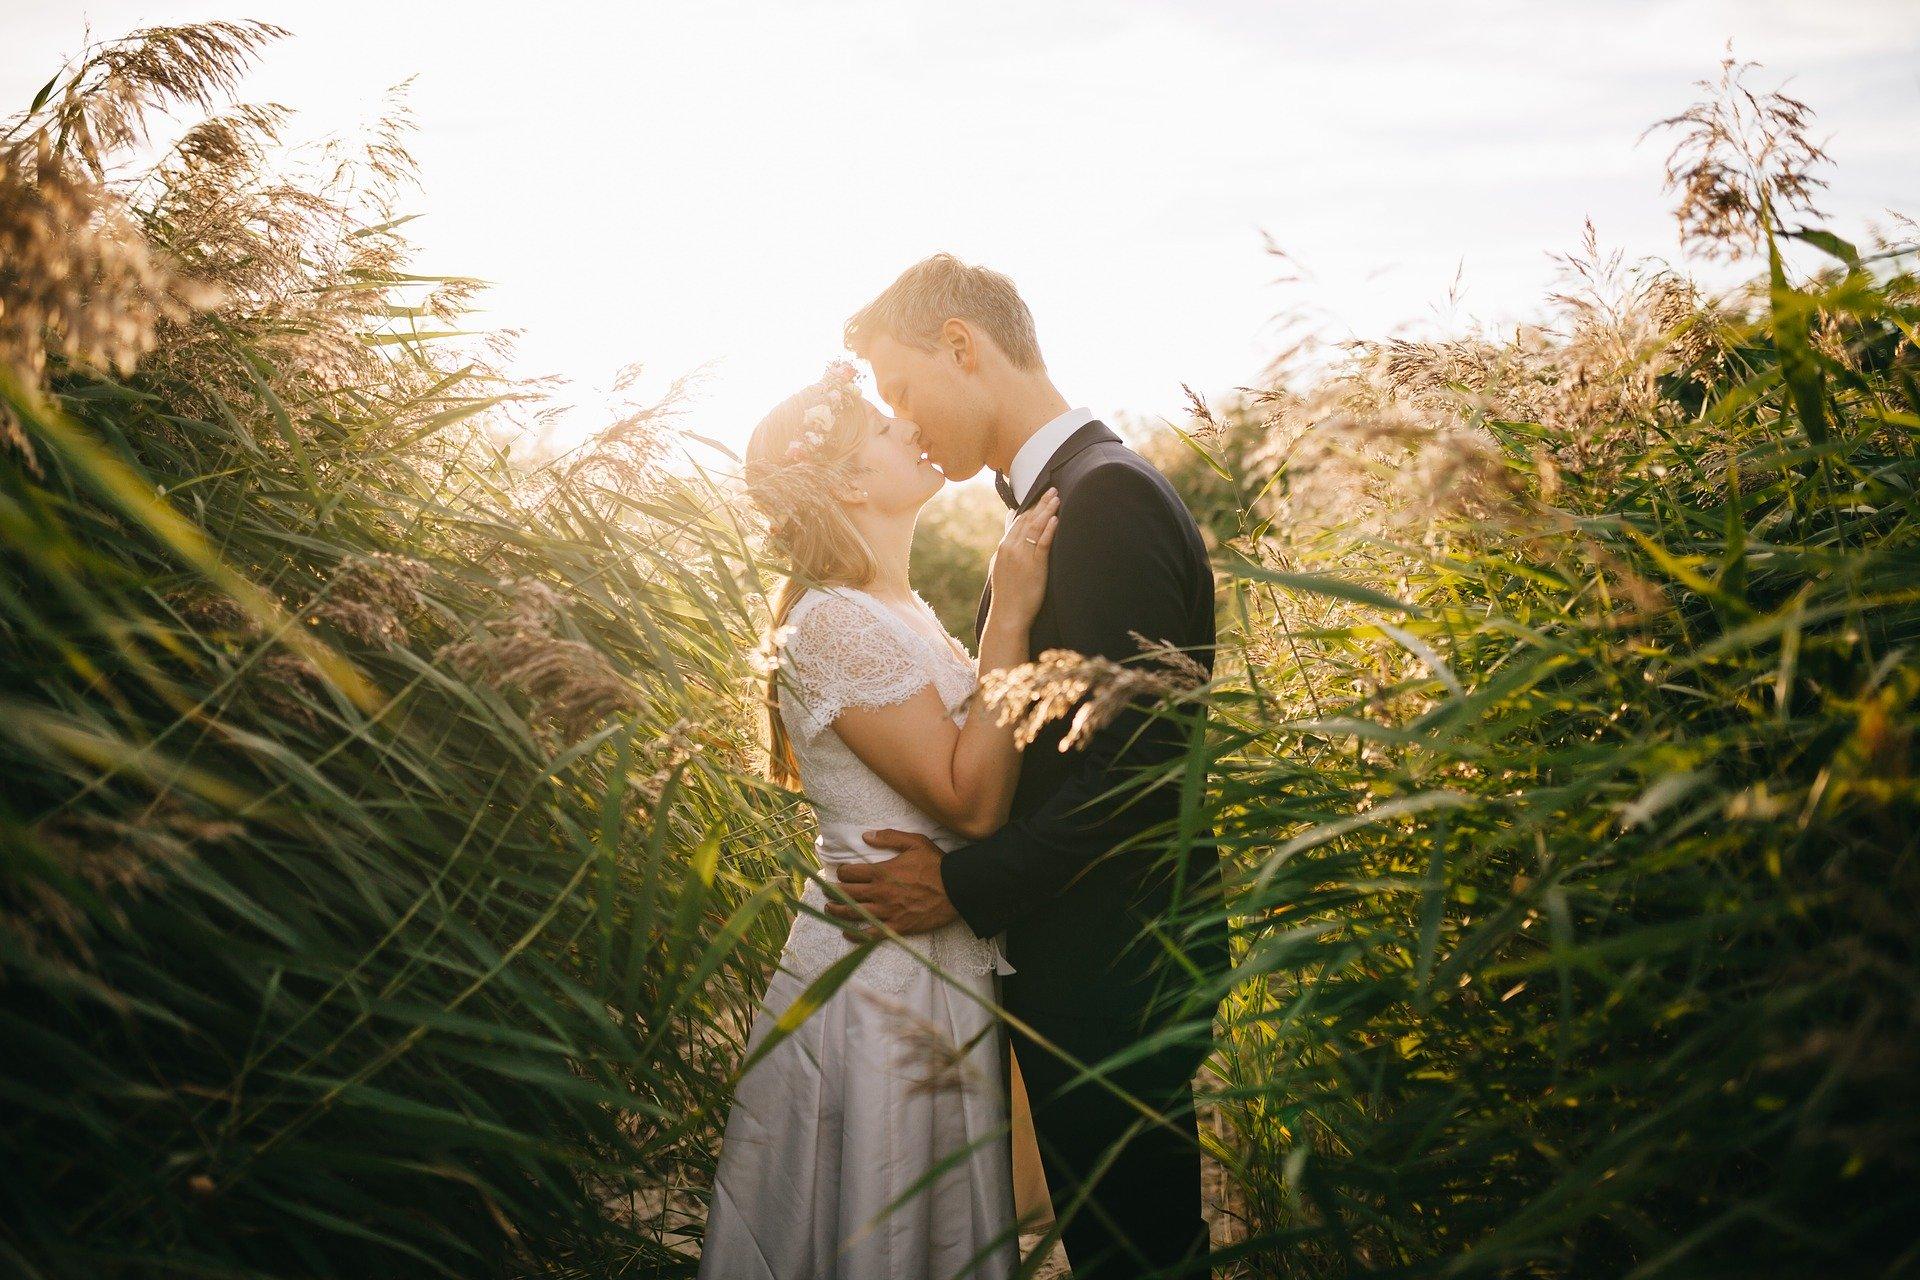 【無料あり】水晶玉子の結婚占い|あなたの婚期・運命の人・結婚相性までズバリ